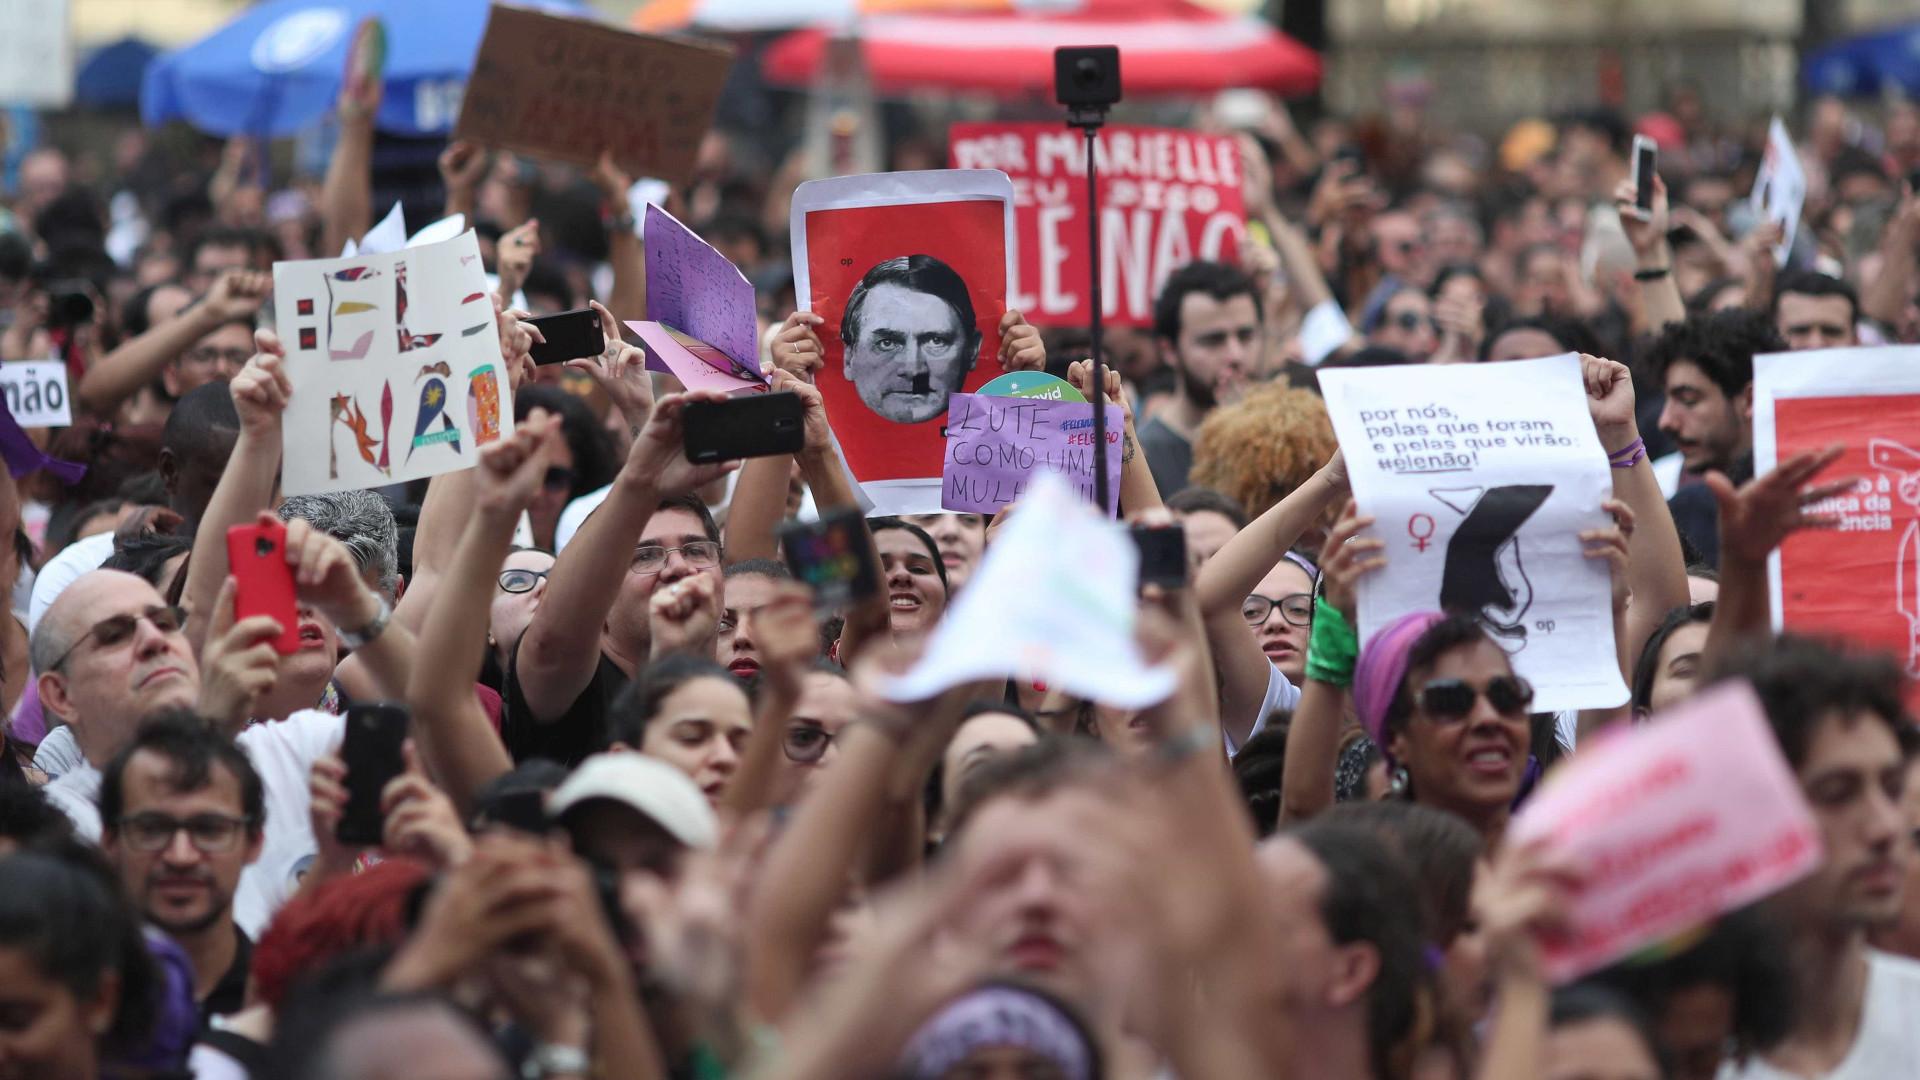 Imagens impressionantes mostram manifestação contra Bolsonaro em SP